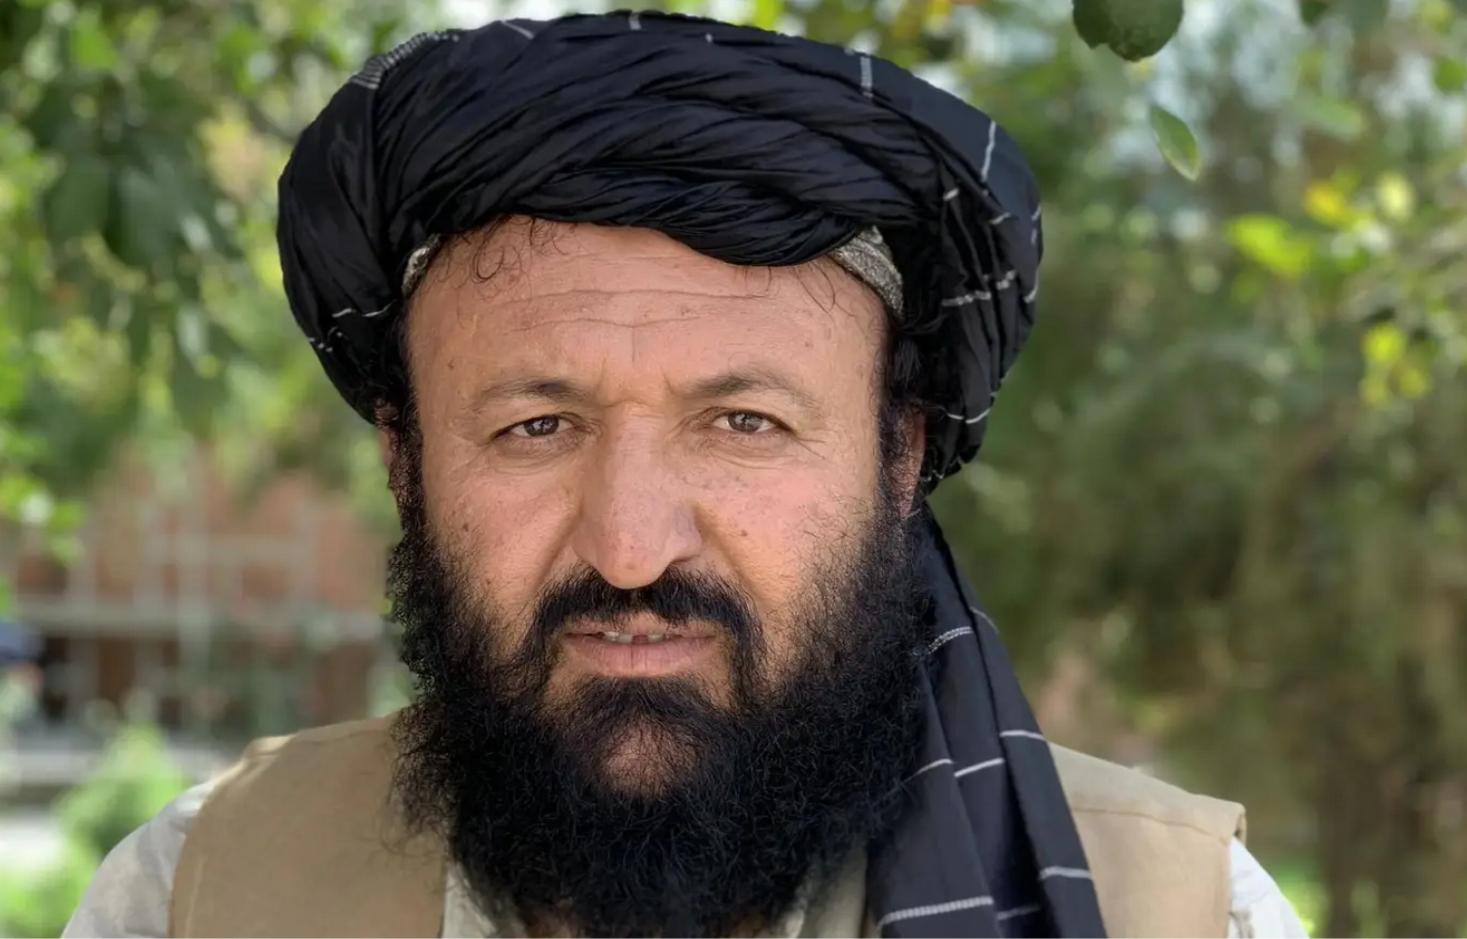 حتى قبل محاولة اغتياله، لم يتجاوب الإمام منظور مع دعوات من حركة طالبان للعودة إلى صفوفها